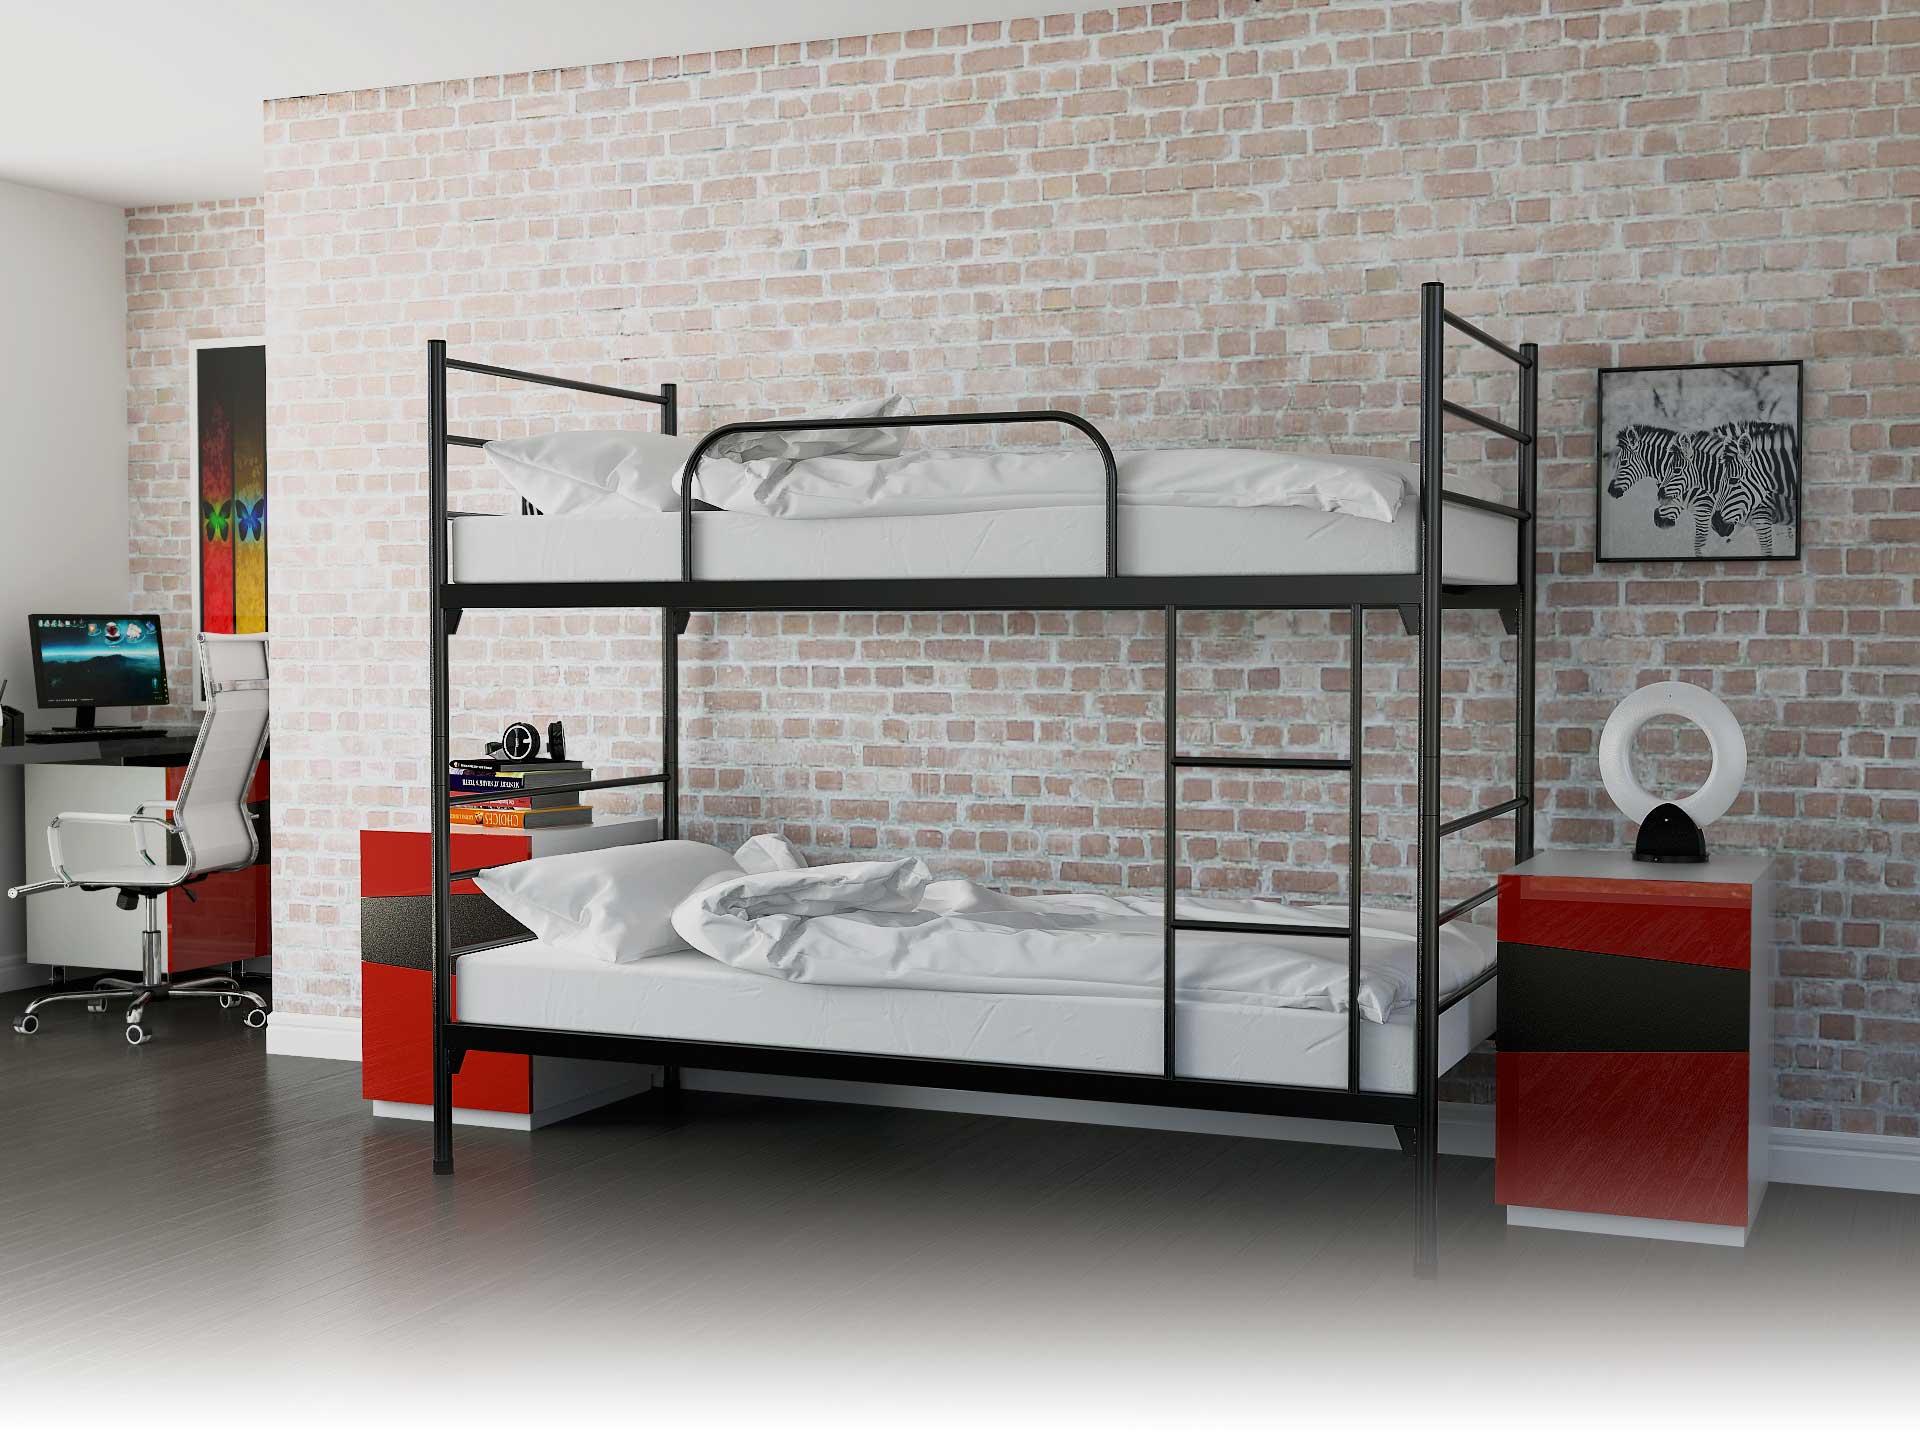 łóżko Metalowe Piętrowe Rozkładane 90x200 Z Materacem